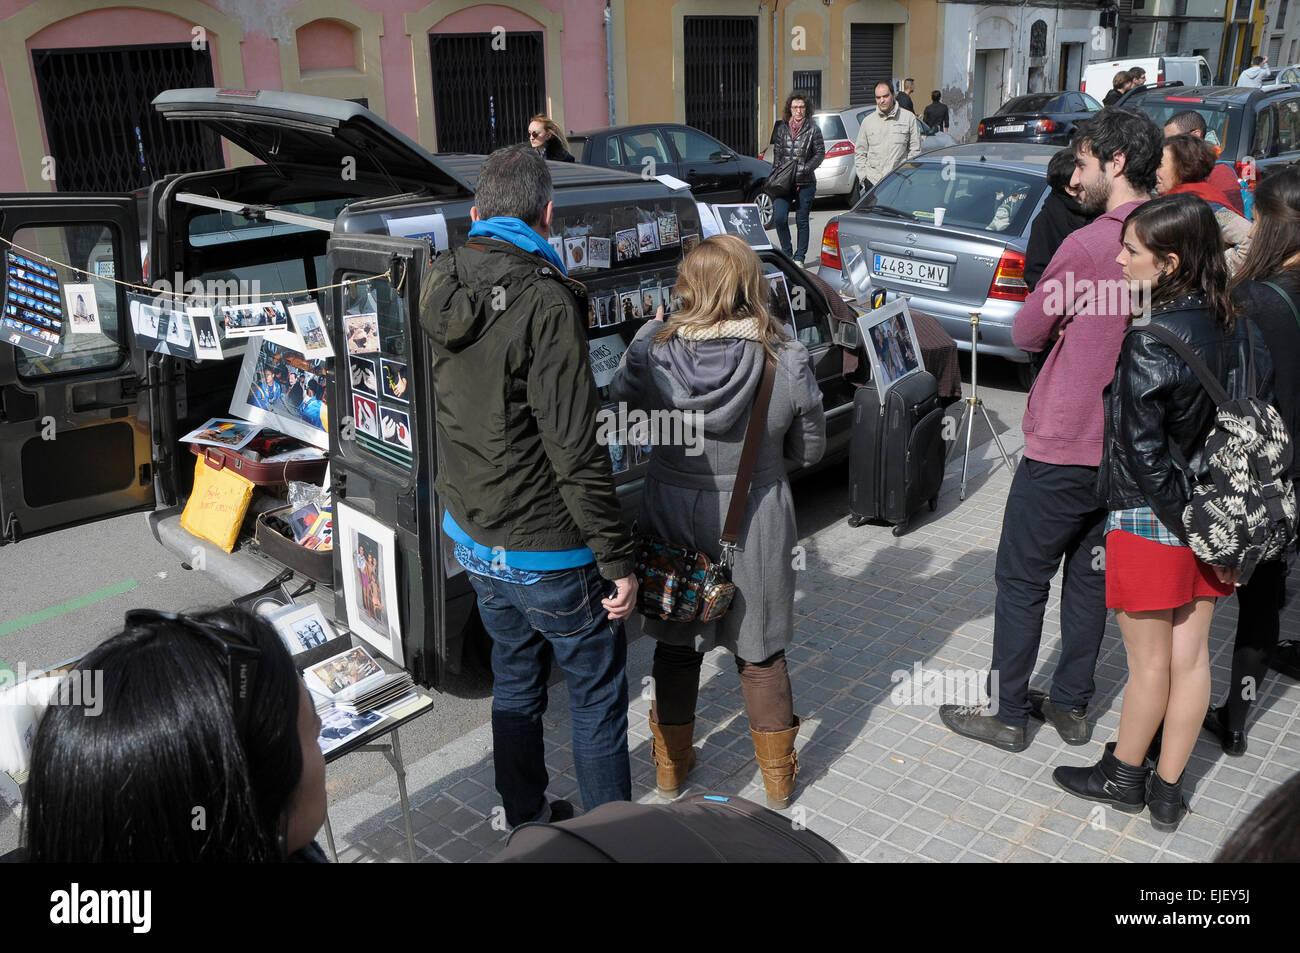 Oscar Elias e Rosmi Duaso mostra per un giorno, accanto a Pao alto mercato del Poble Nou Barcelona foto: Rosmi Duaso Immagini Stock